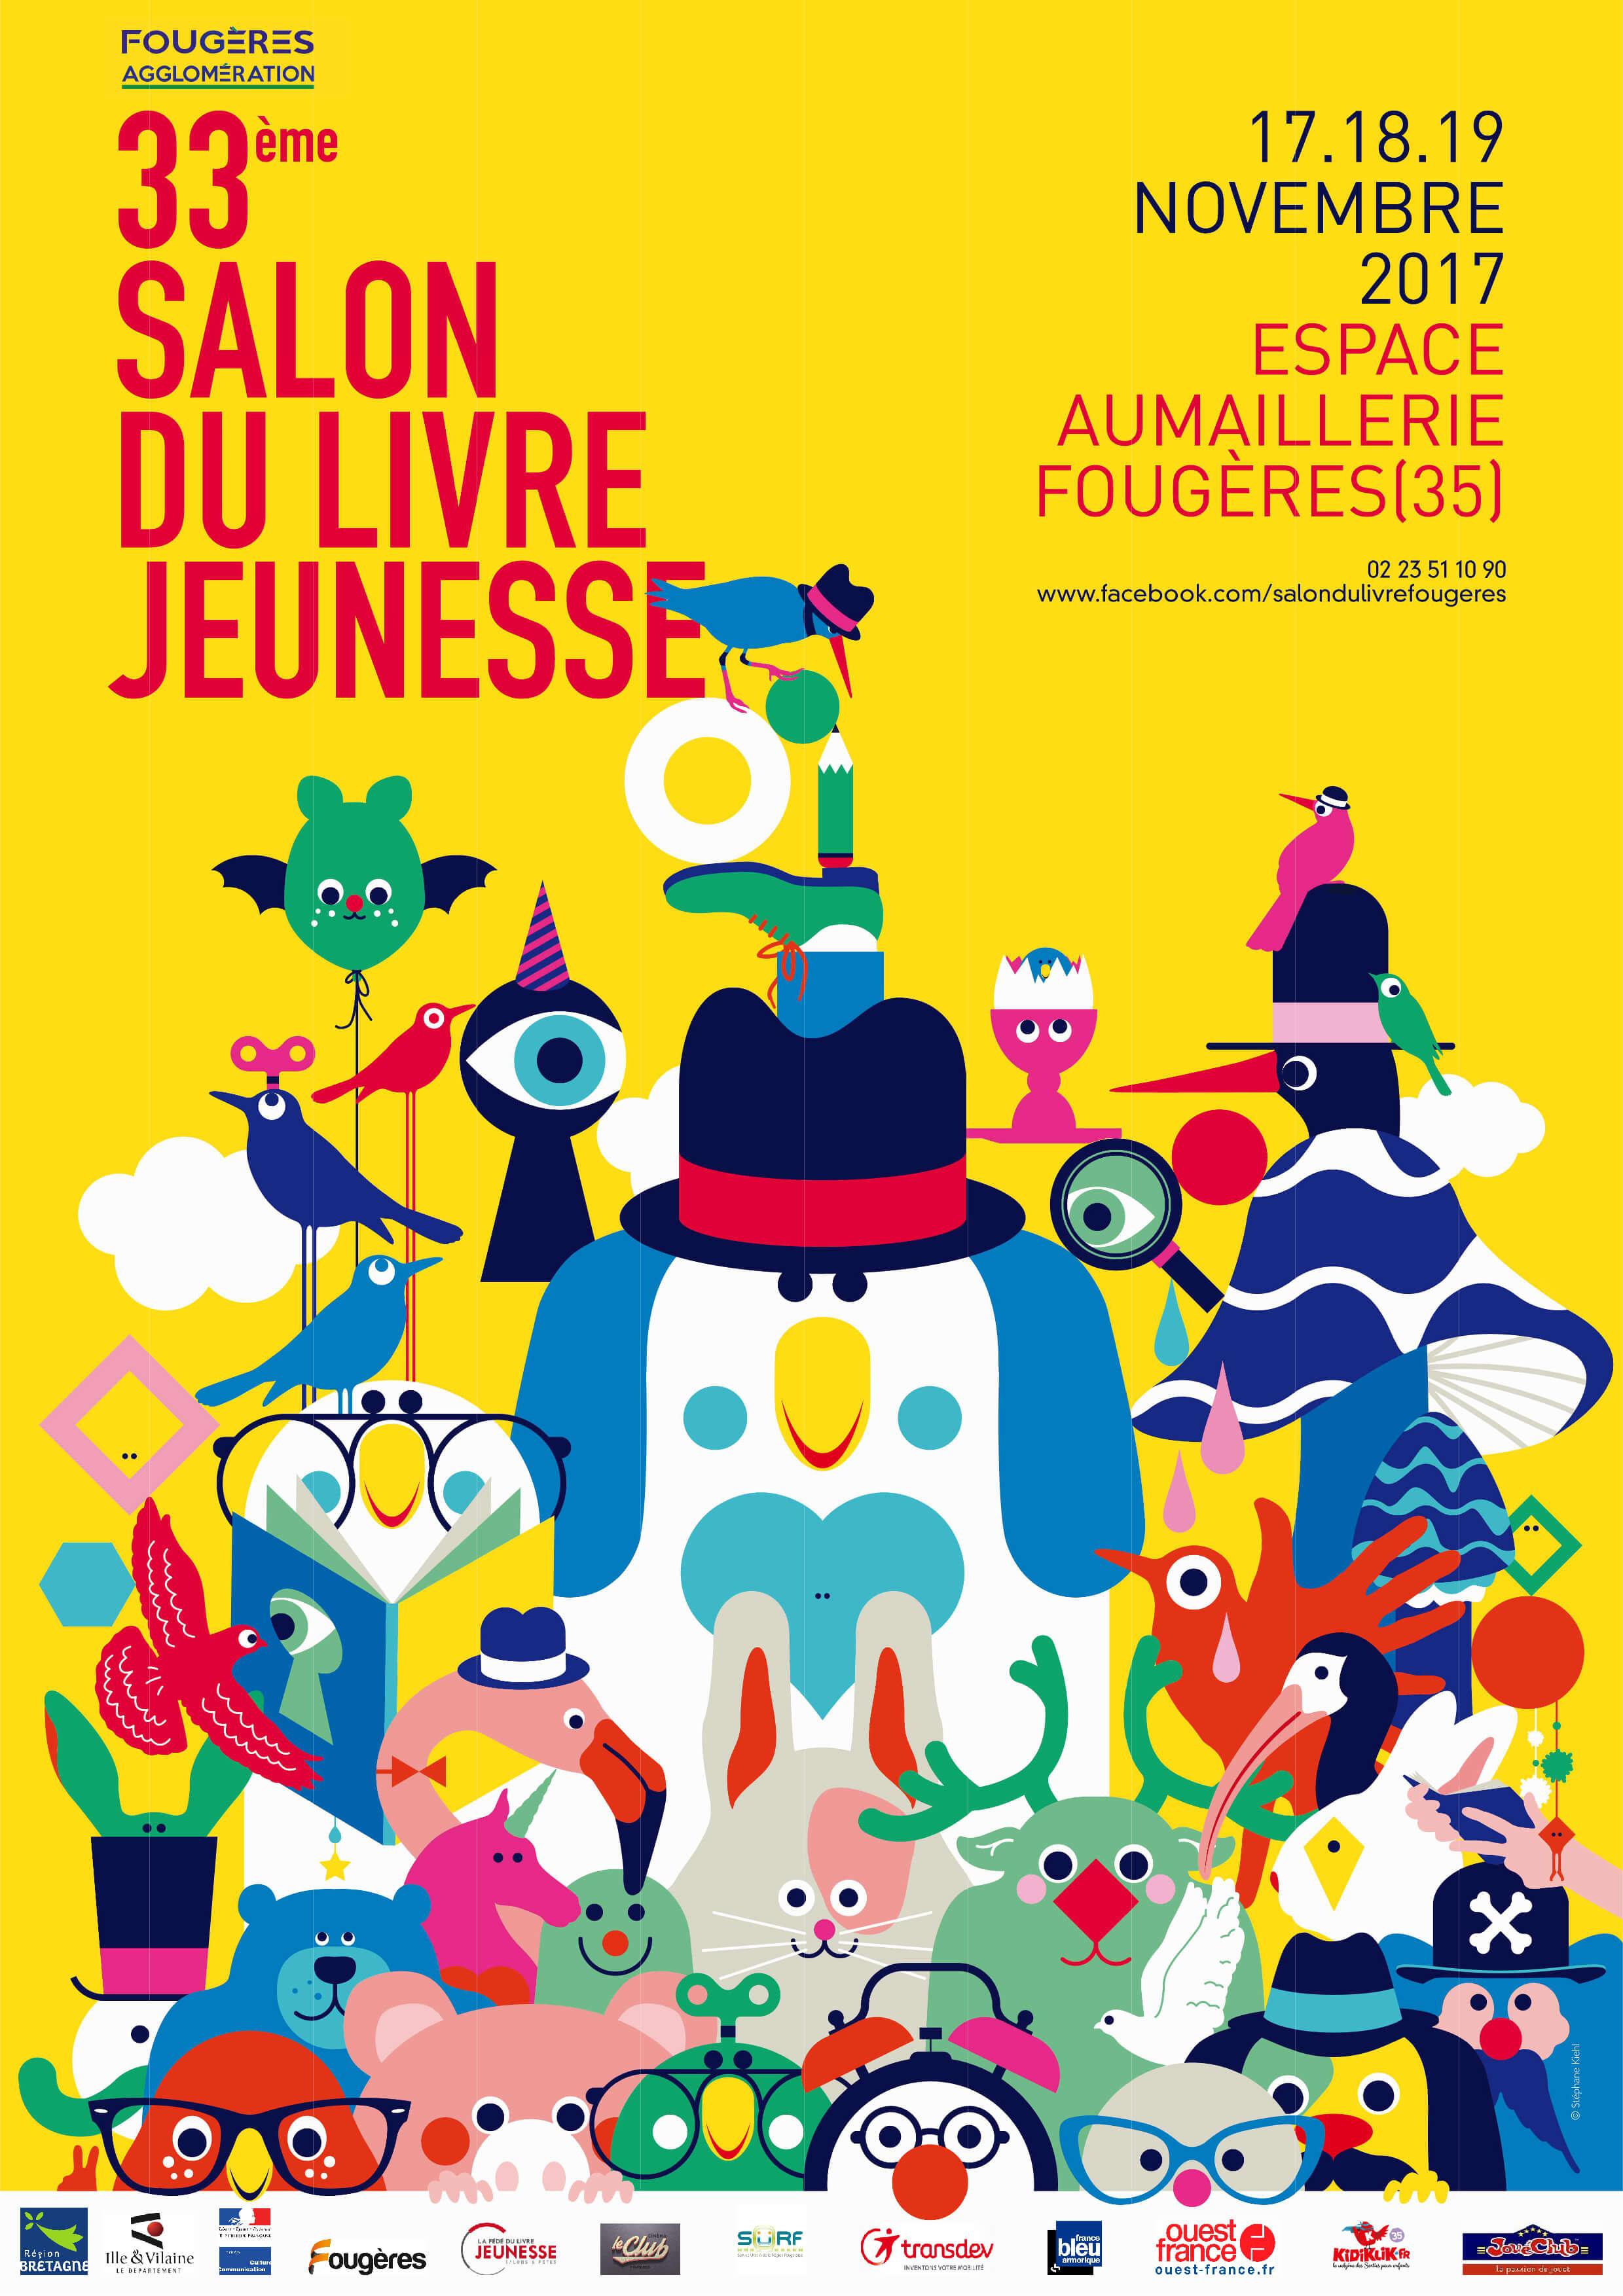 Ce week end foug res la petite m canique - Salon livre jeunesse ...